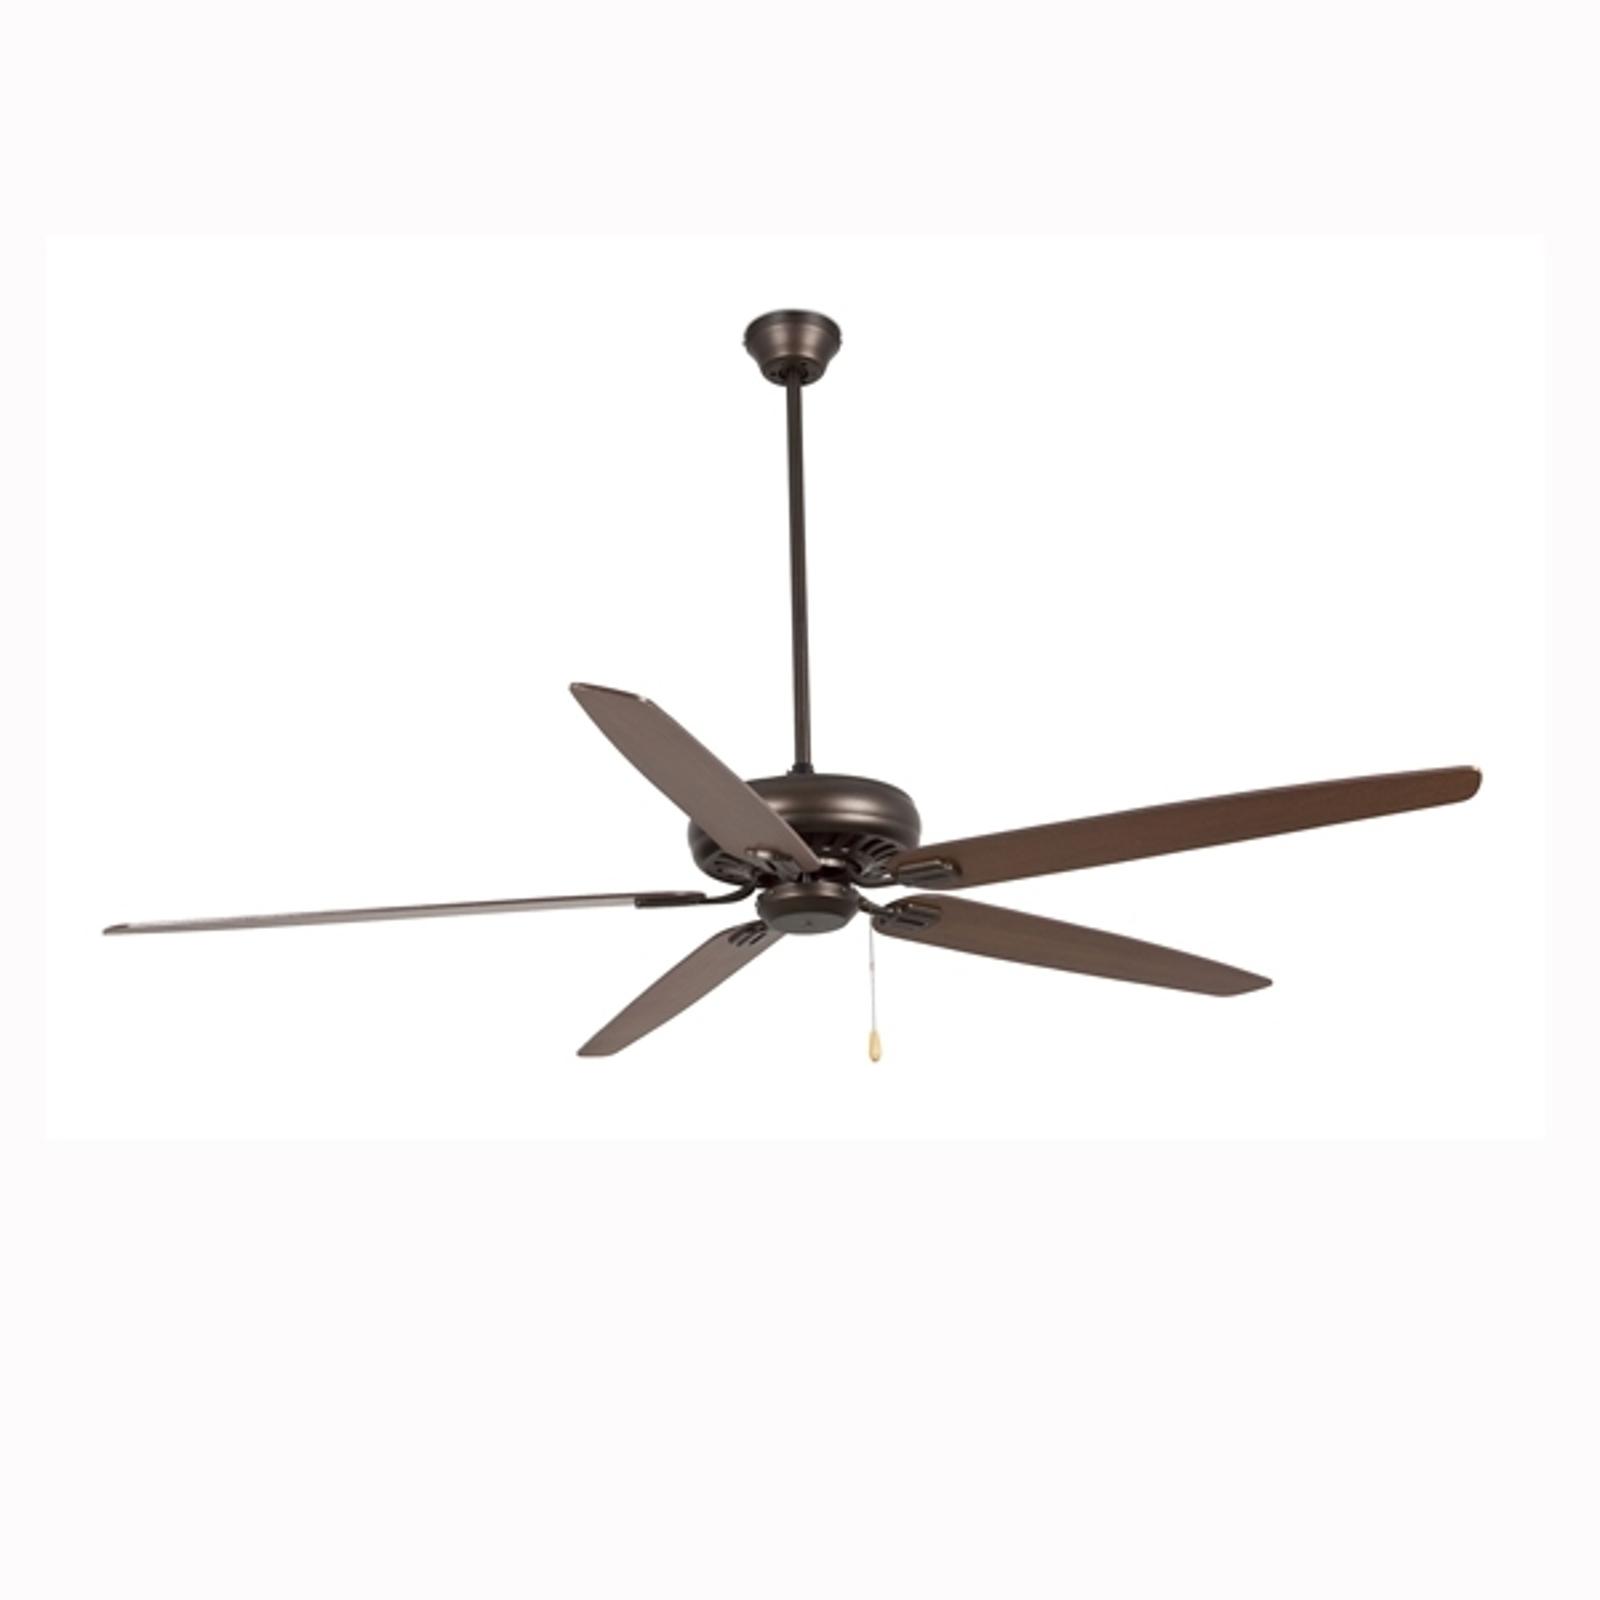 NISOS Super Modern Ceiling Fan_3506059_1